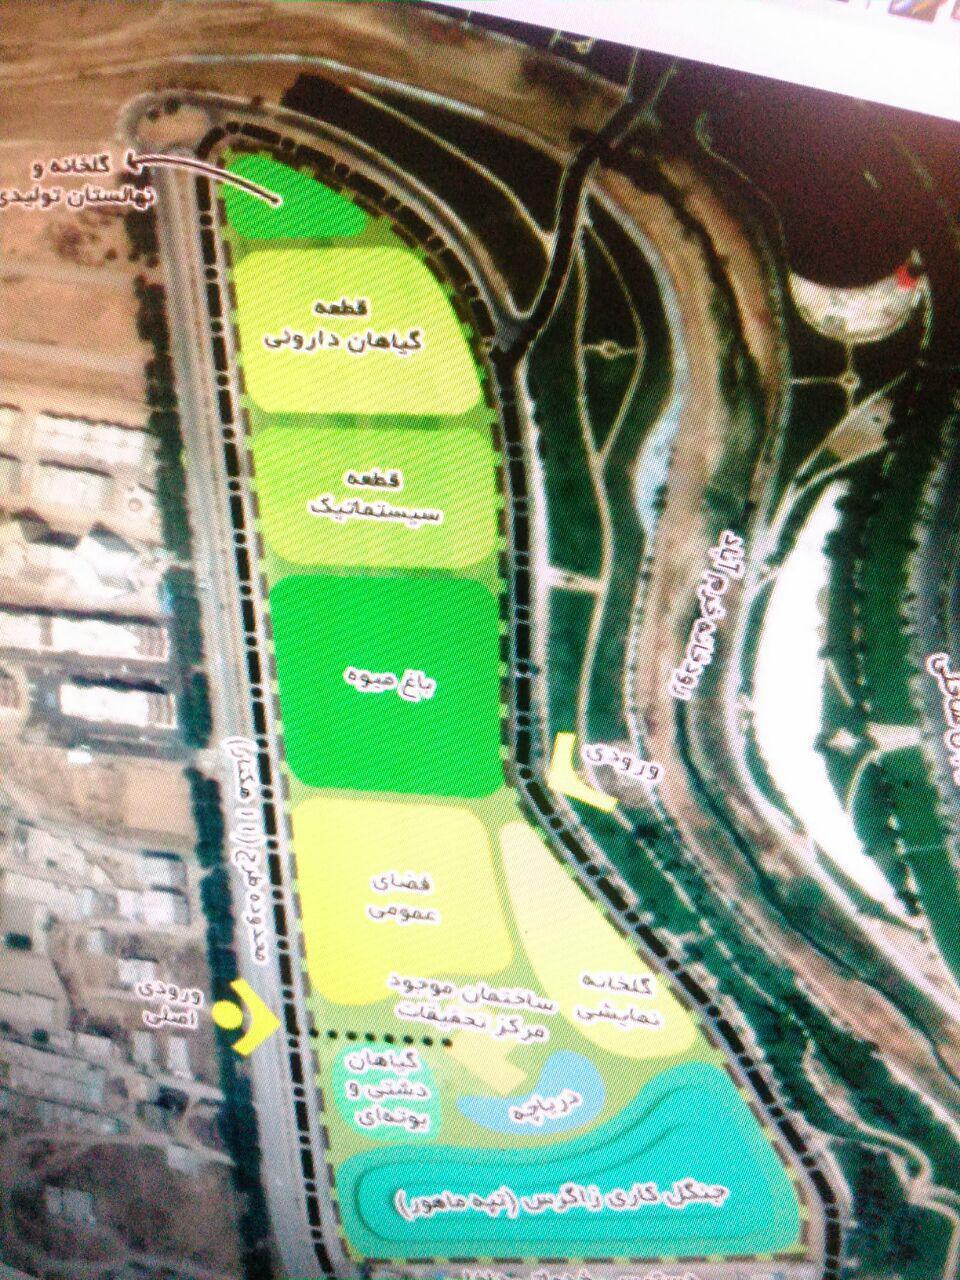 پیگیریهای مستمر/ باغ گیاهشناسی زاگرس در خرمآباد احداث میشود